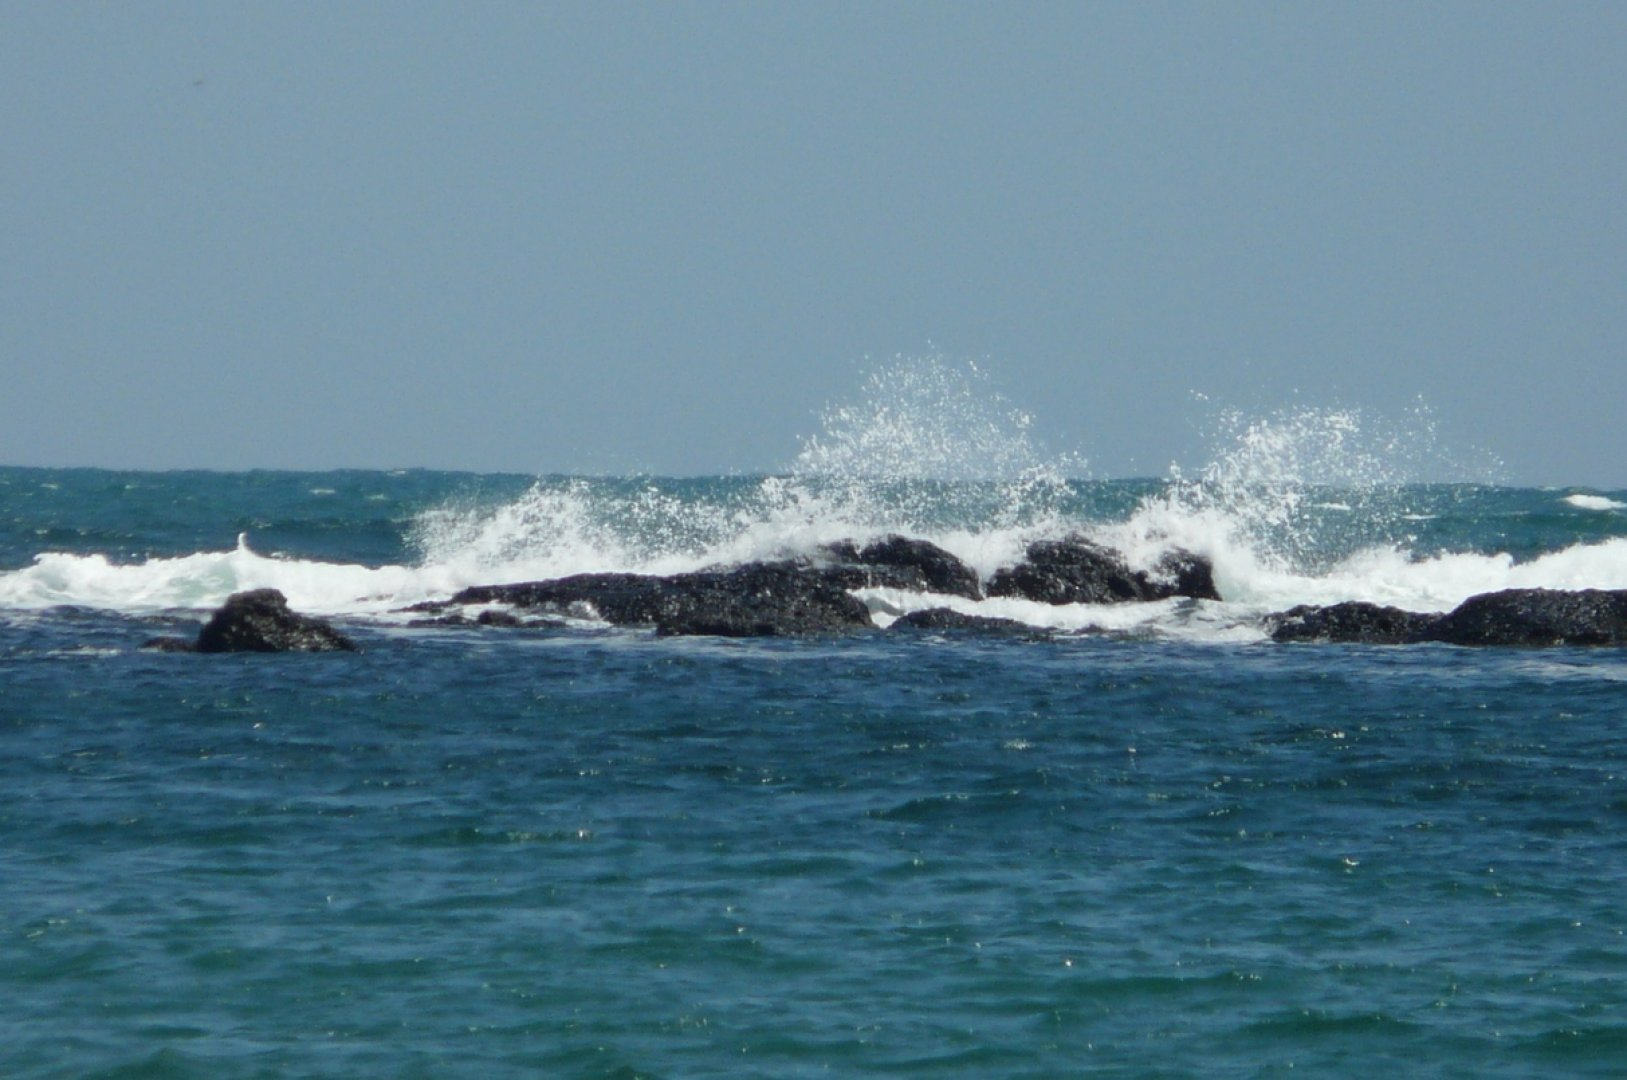 Вълнението на морето ще бъде 1-2 бала, съобщават от Националния иститут попо метеорология и хидрология на БАН. Снимка Архив Черноморие-бг